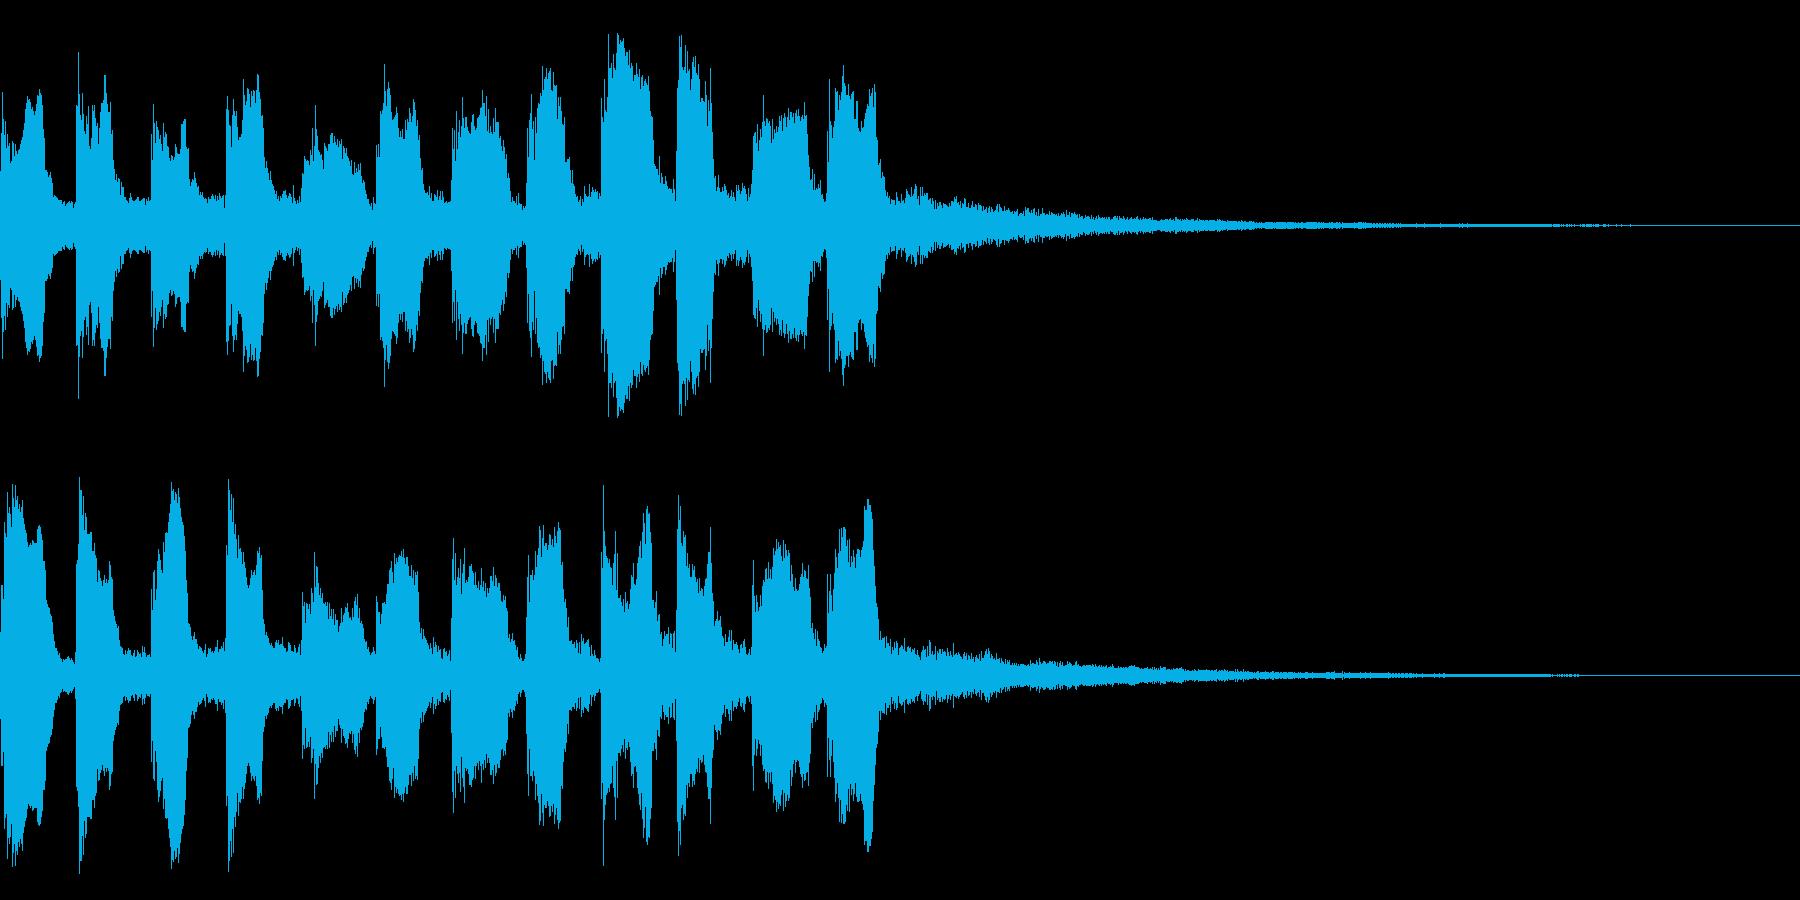 歩き出すときのサウンドの再生済みの波形